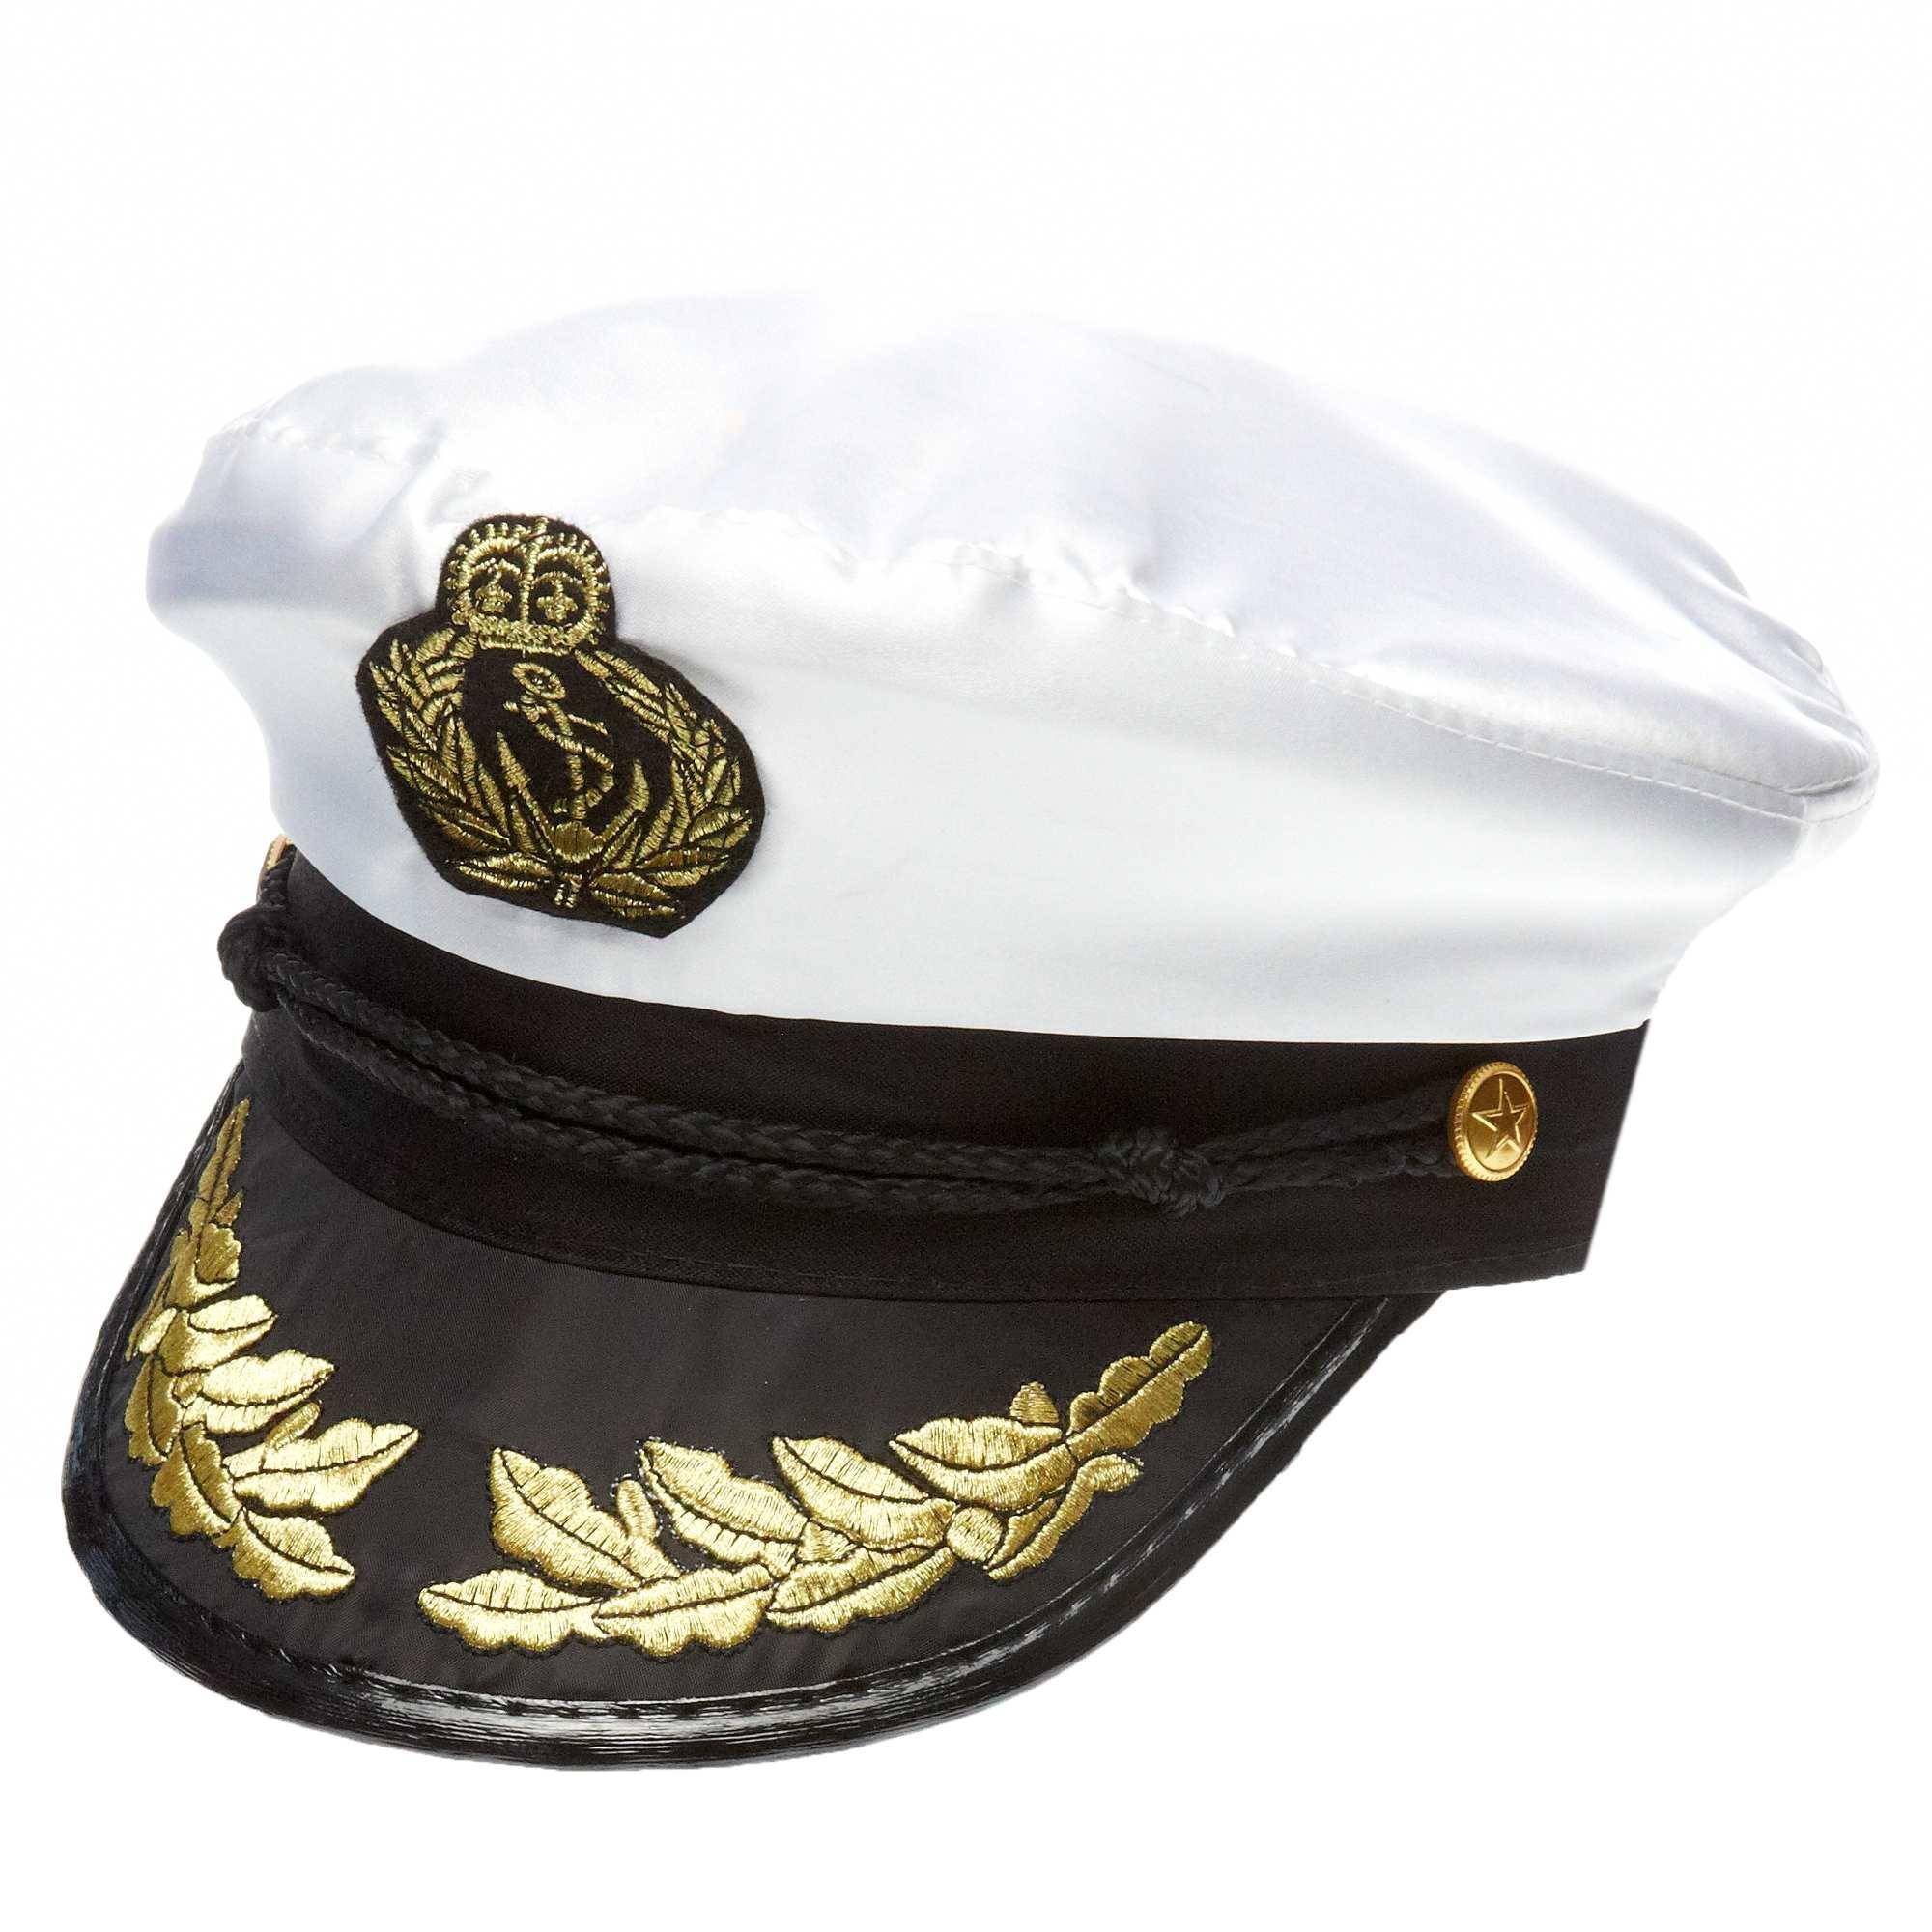 casquette de capitaine accessoires blanc kiabi 5 00. Black Bedroom Furniture Sets. Home Design Ideas